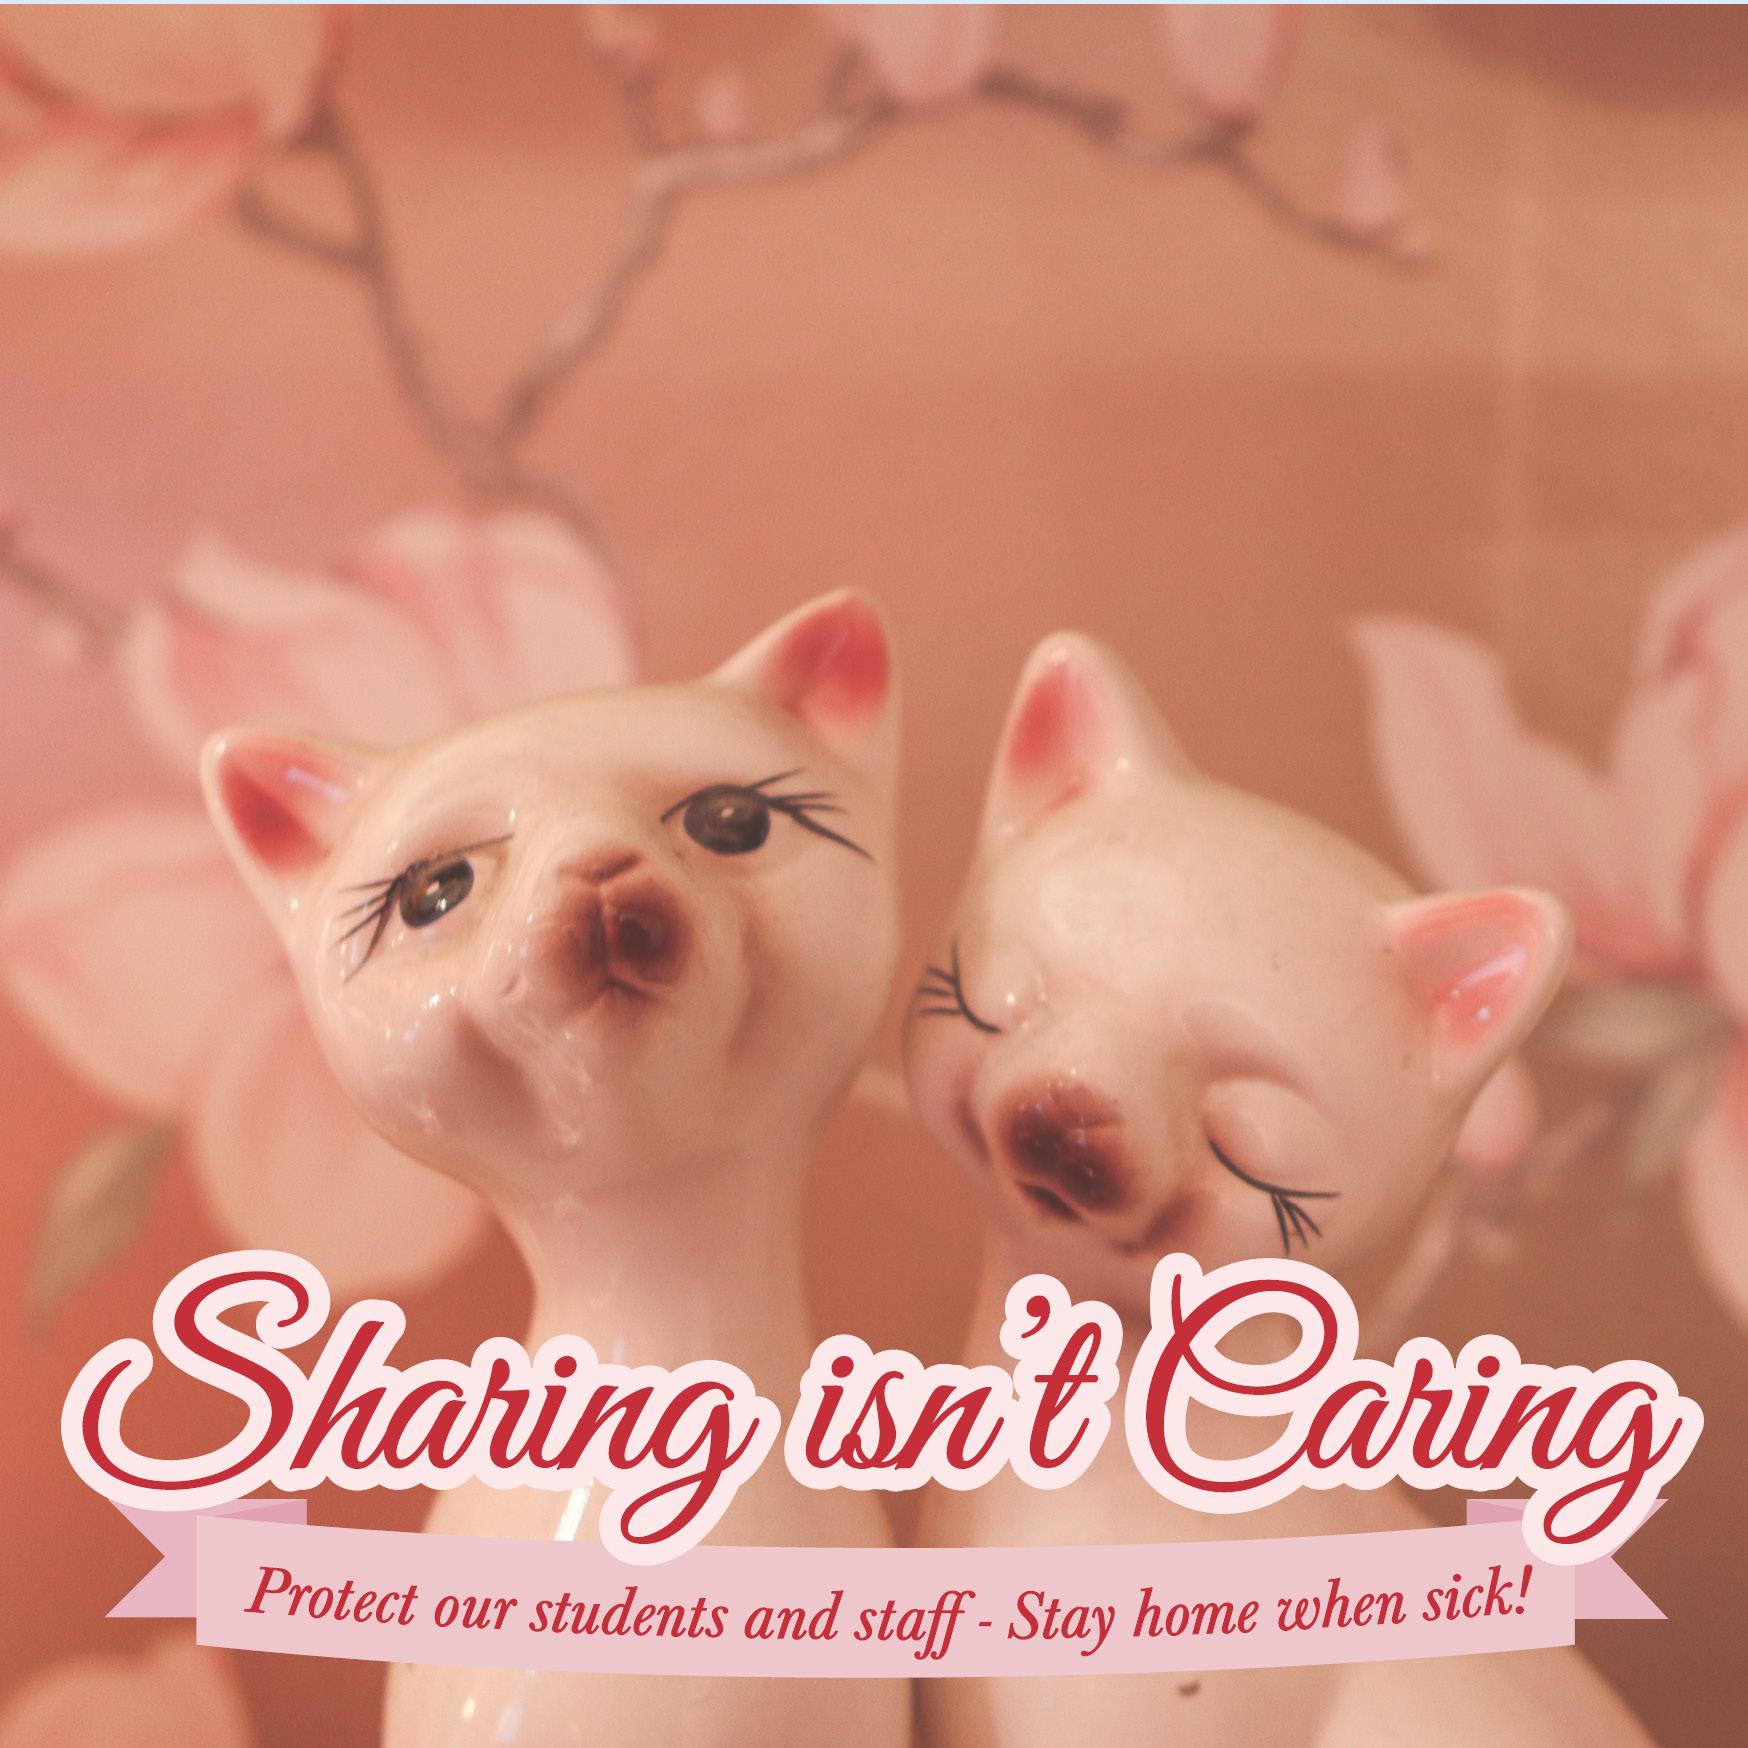 Sharing Isn't Caring.jpg